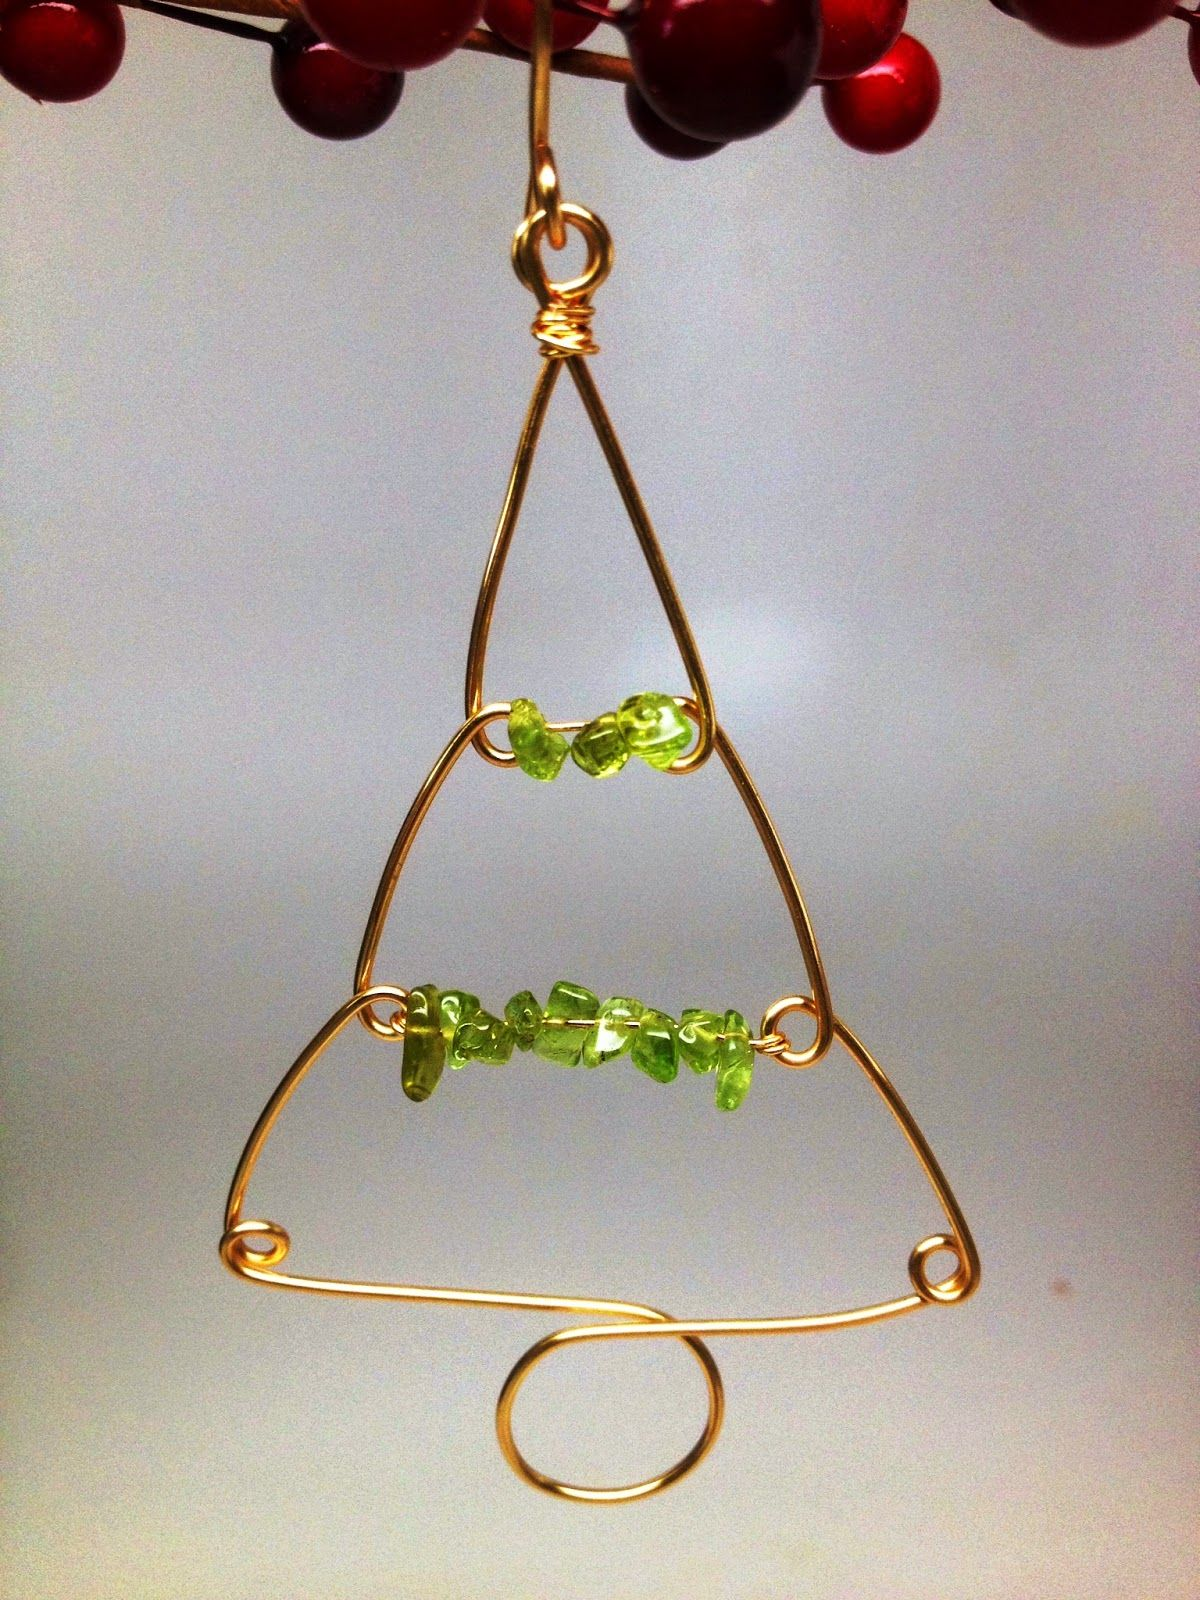 Softflexgirl Four Diy Christmas Tree Wire Ornaments Made On A Wigjig Wire Ornaments Christmas Ornaments To Make Christmas Tree Decorations Diy